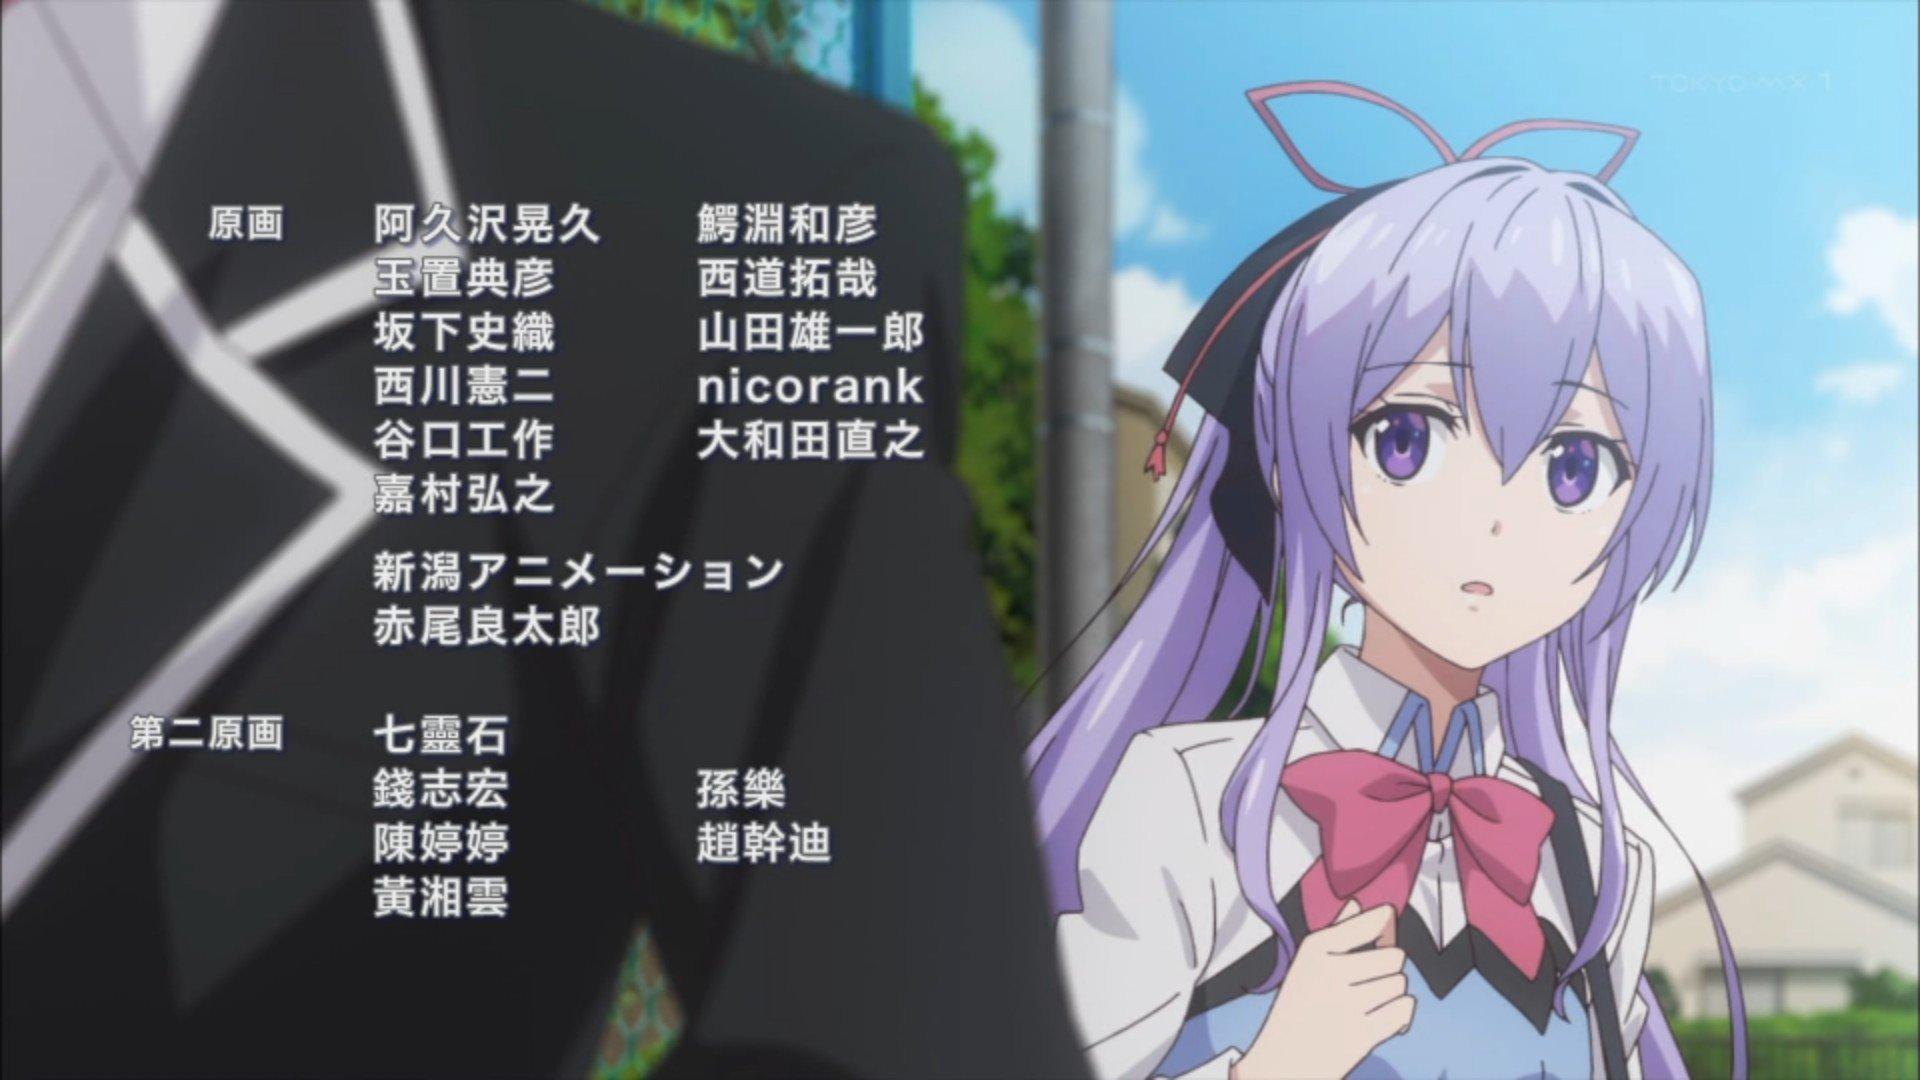 原画は日本、動画は中国? #いもいも #imoimo_anime https://t.co/F7vQR8upcg